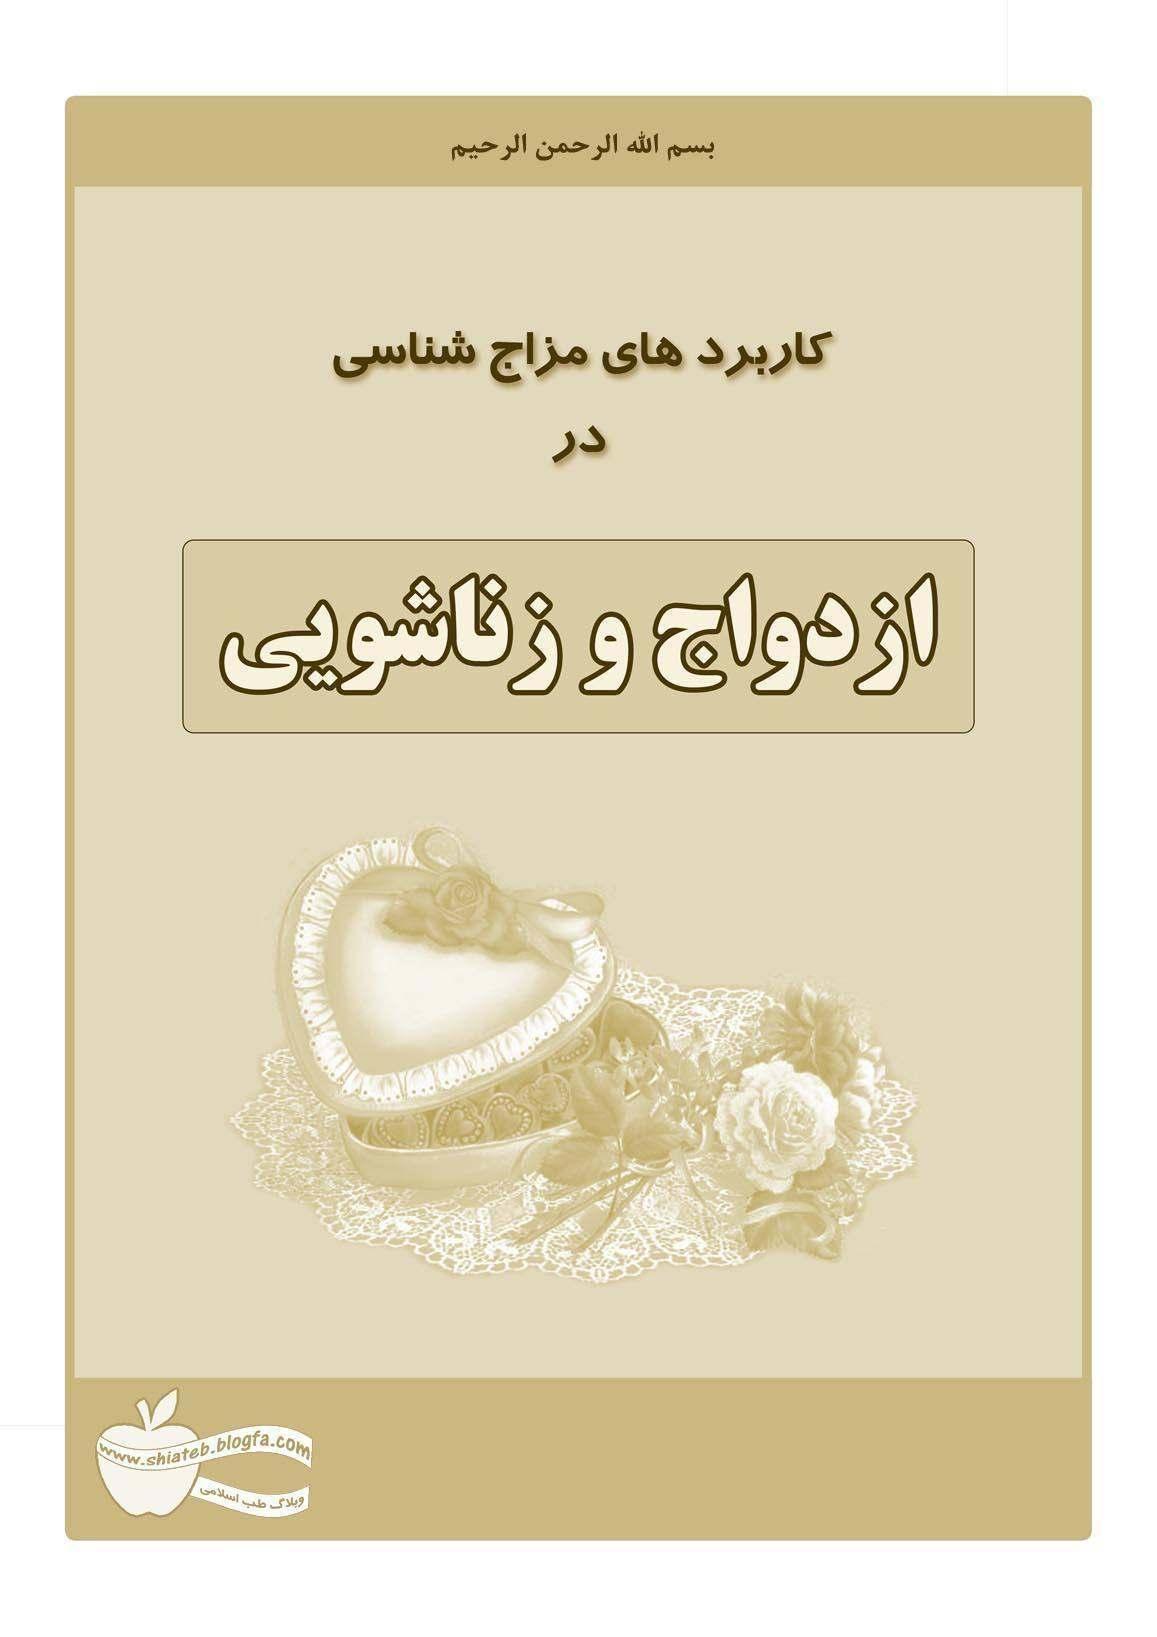 کتاب کاربردهای مزاجشناسی در ازدواج و زناشویی